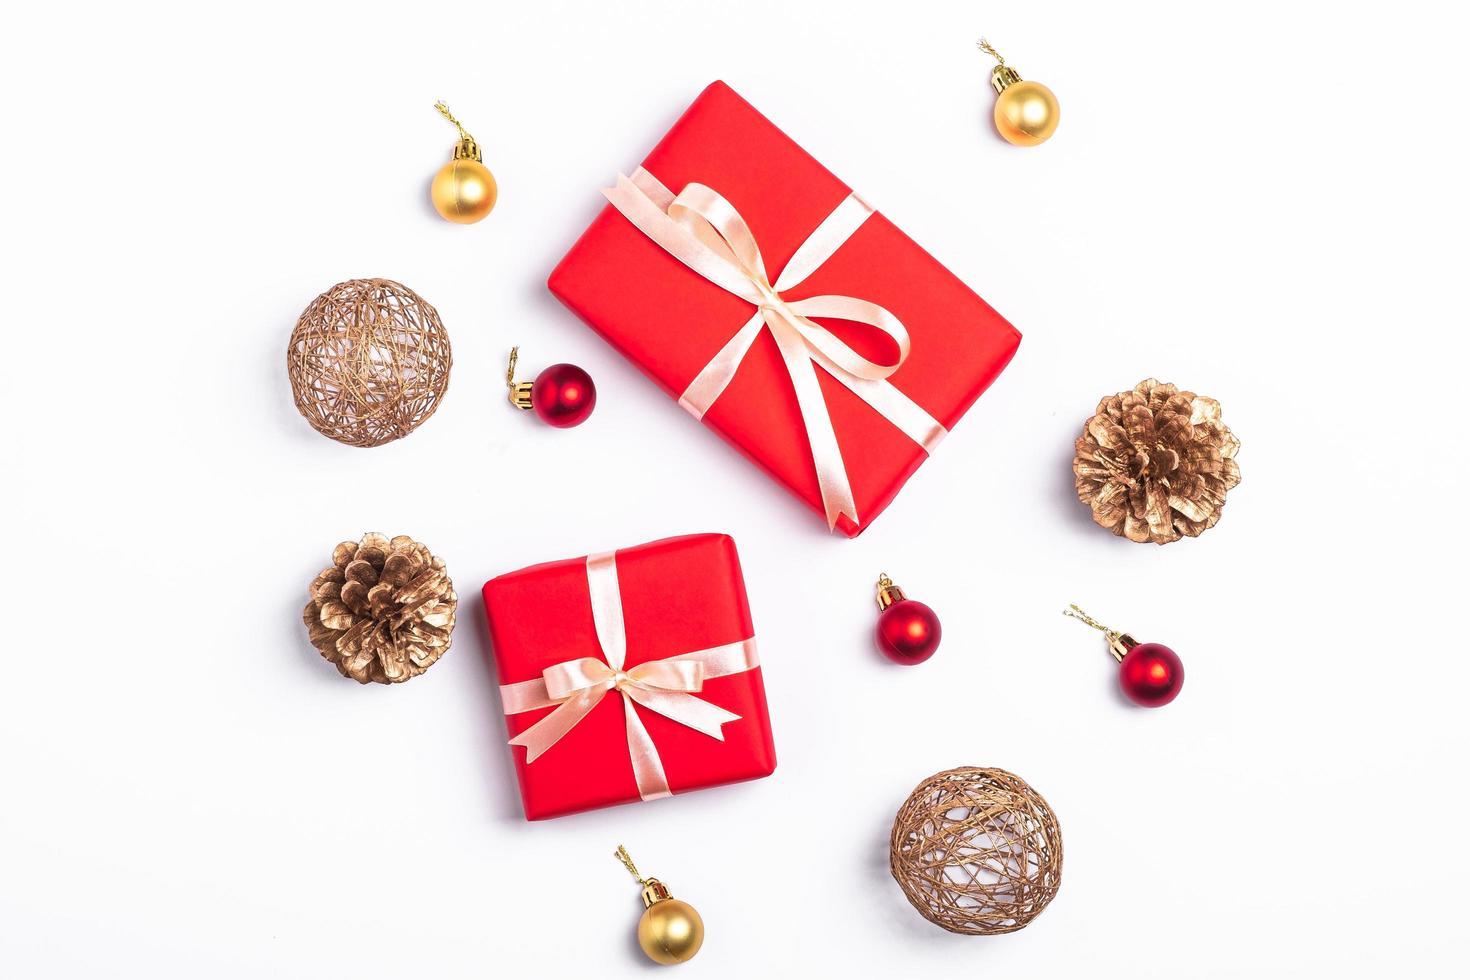 mise à plat de cadeaux et décorations de Noël photo